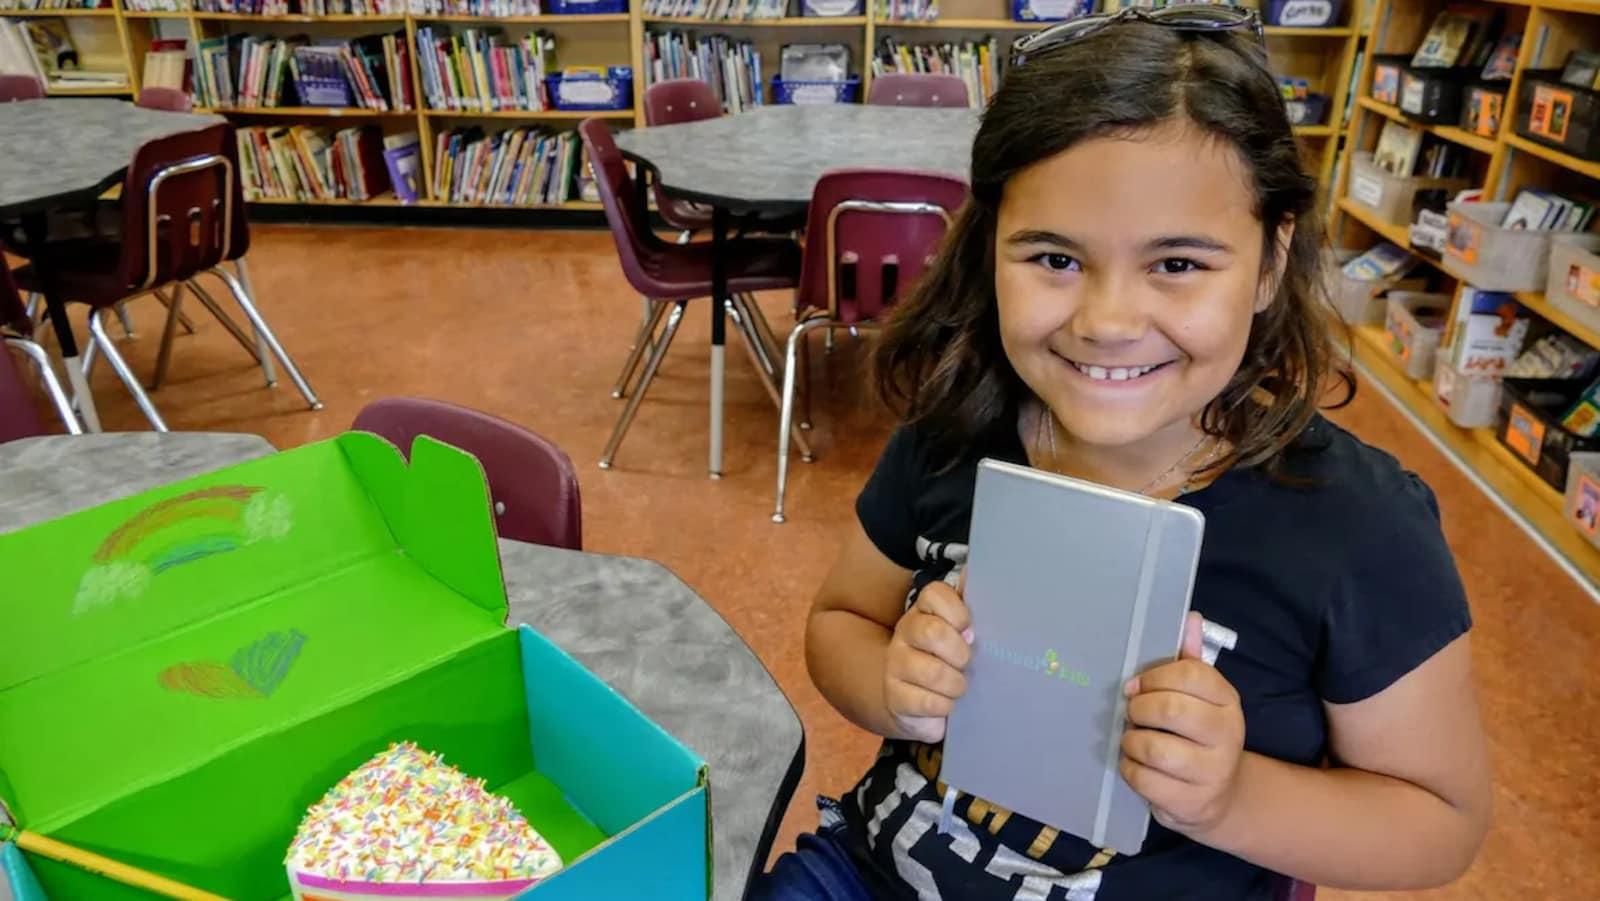 Une fillette tient un livre dans ses mains.